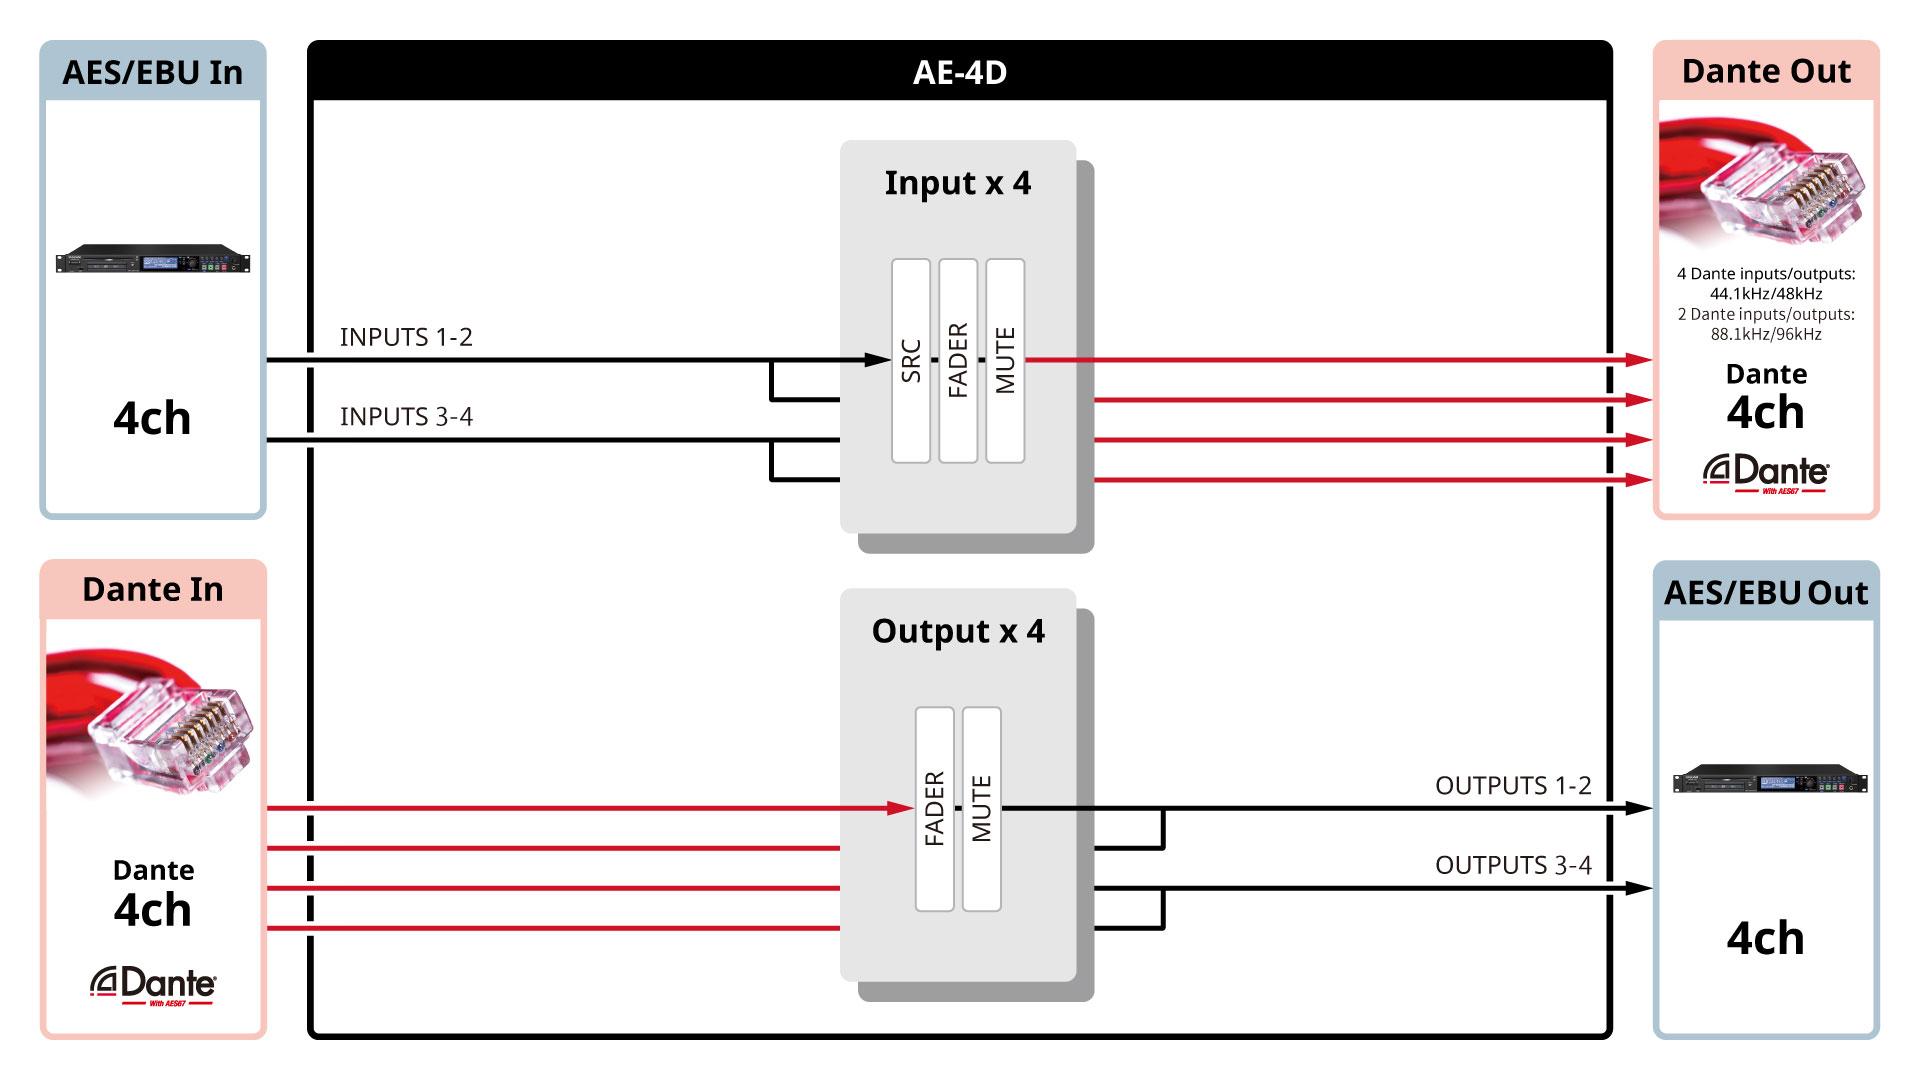 AE-4D